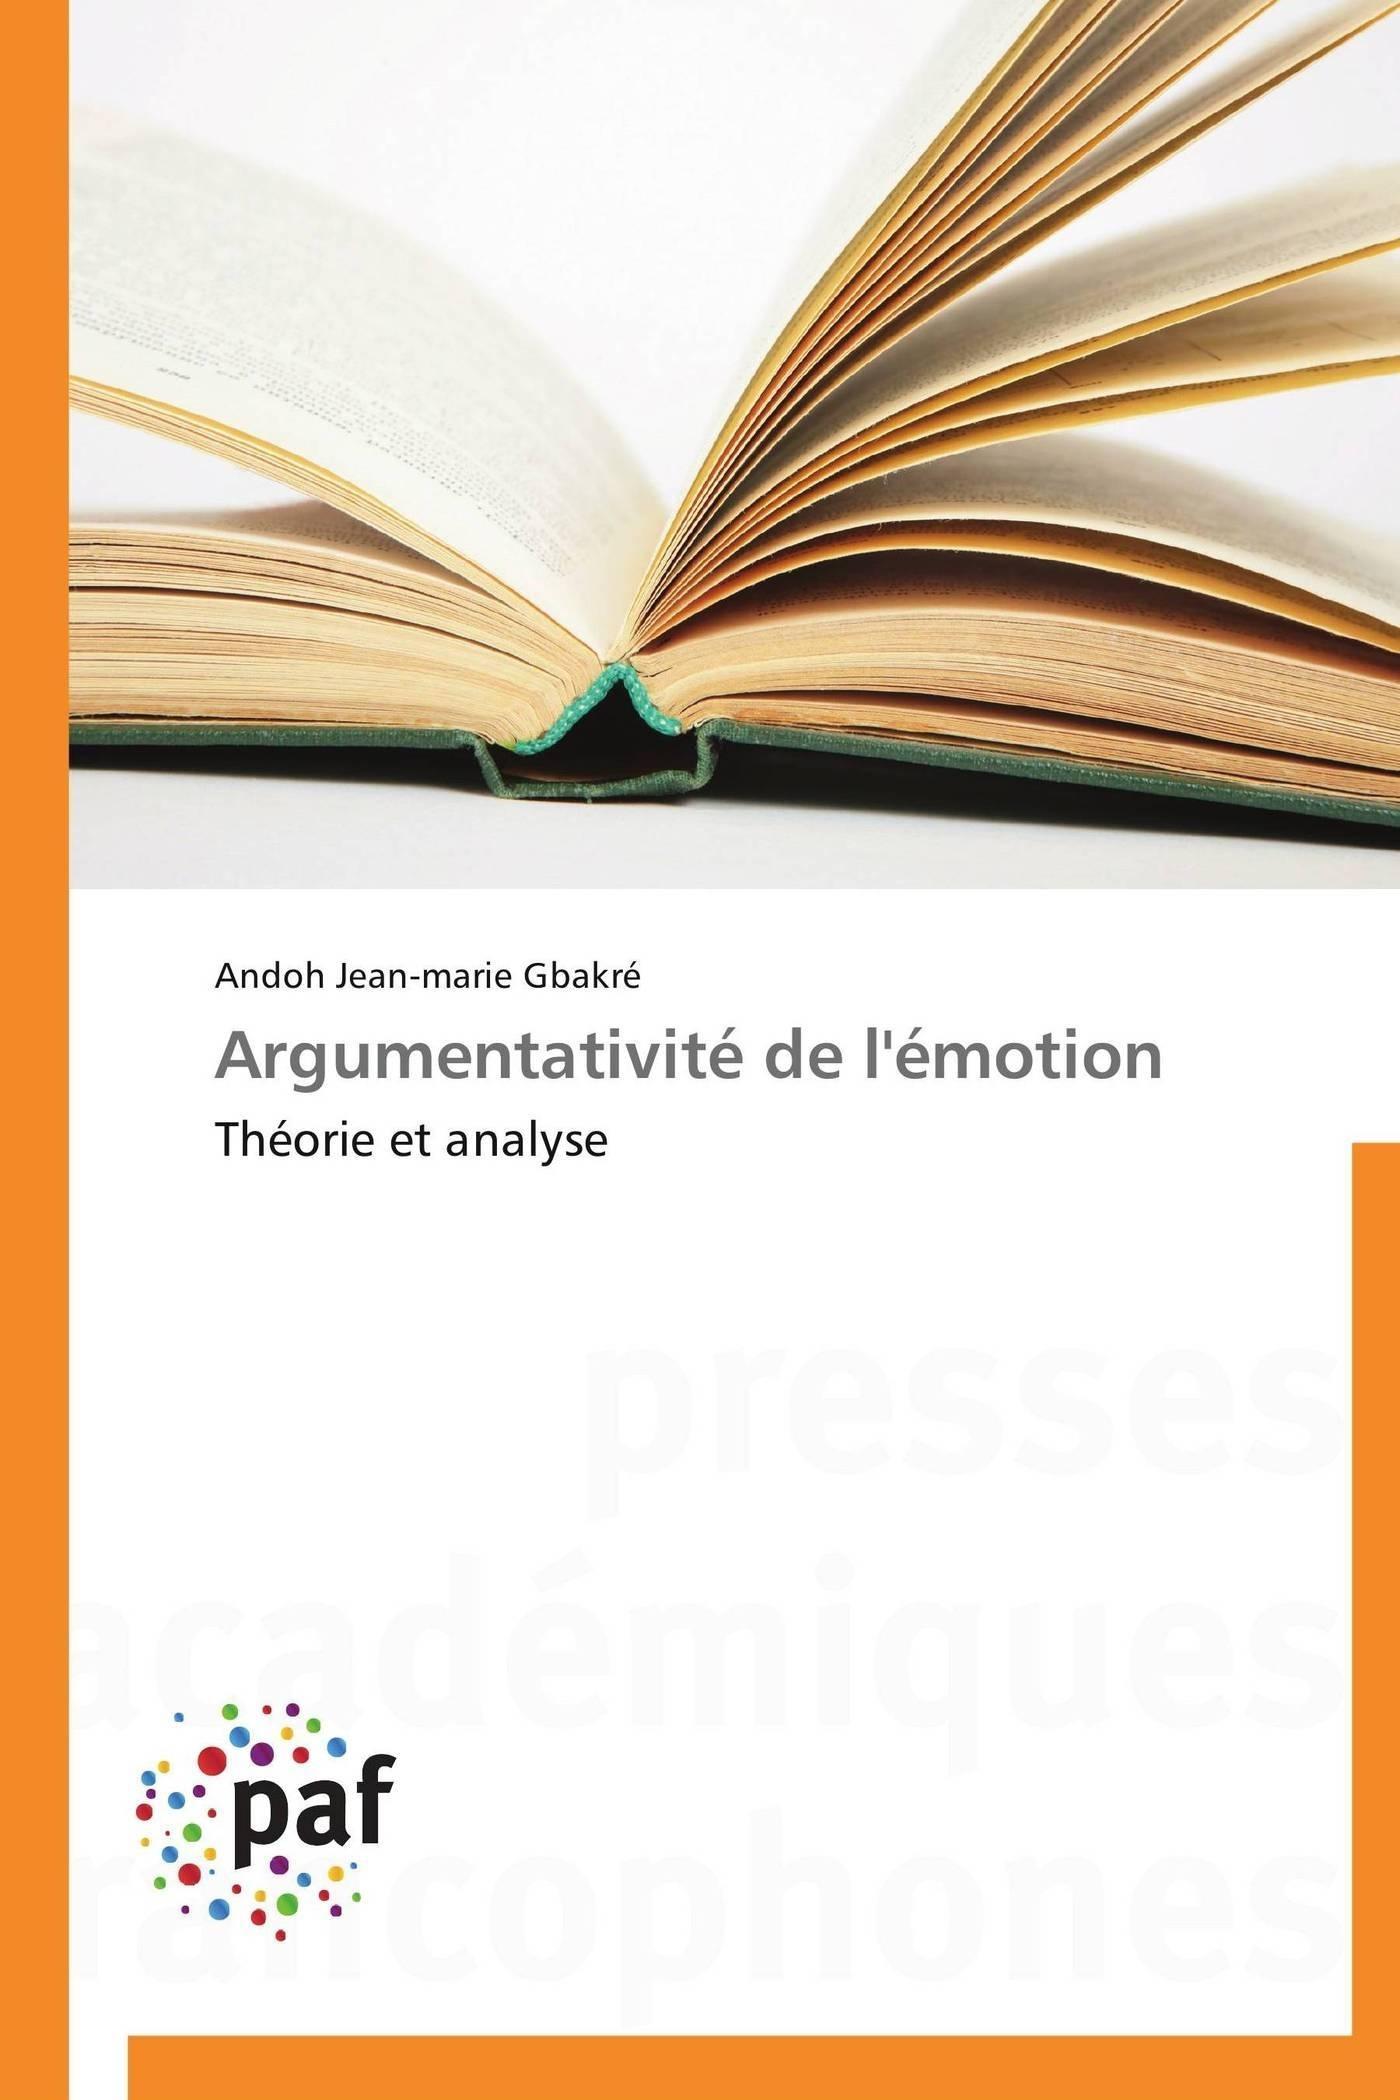 ARGUMENTATIVITE DE L'EMOTION